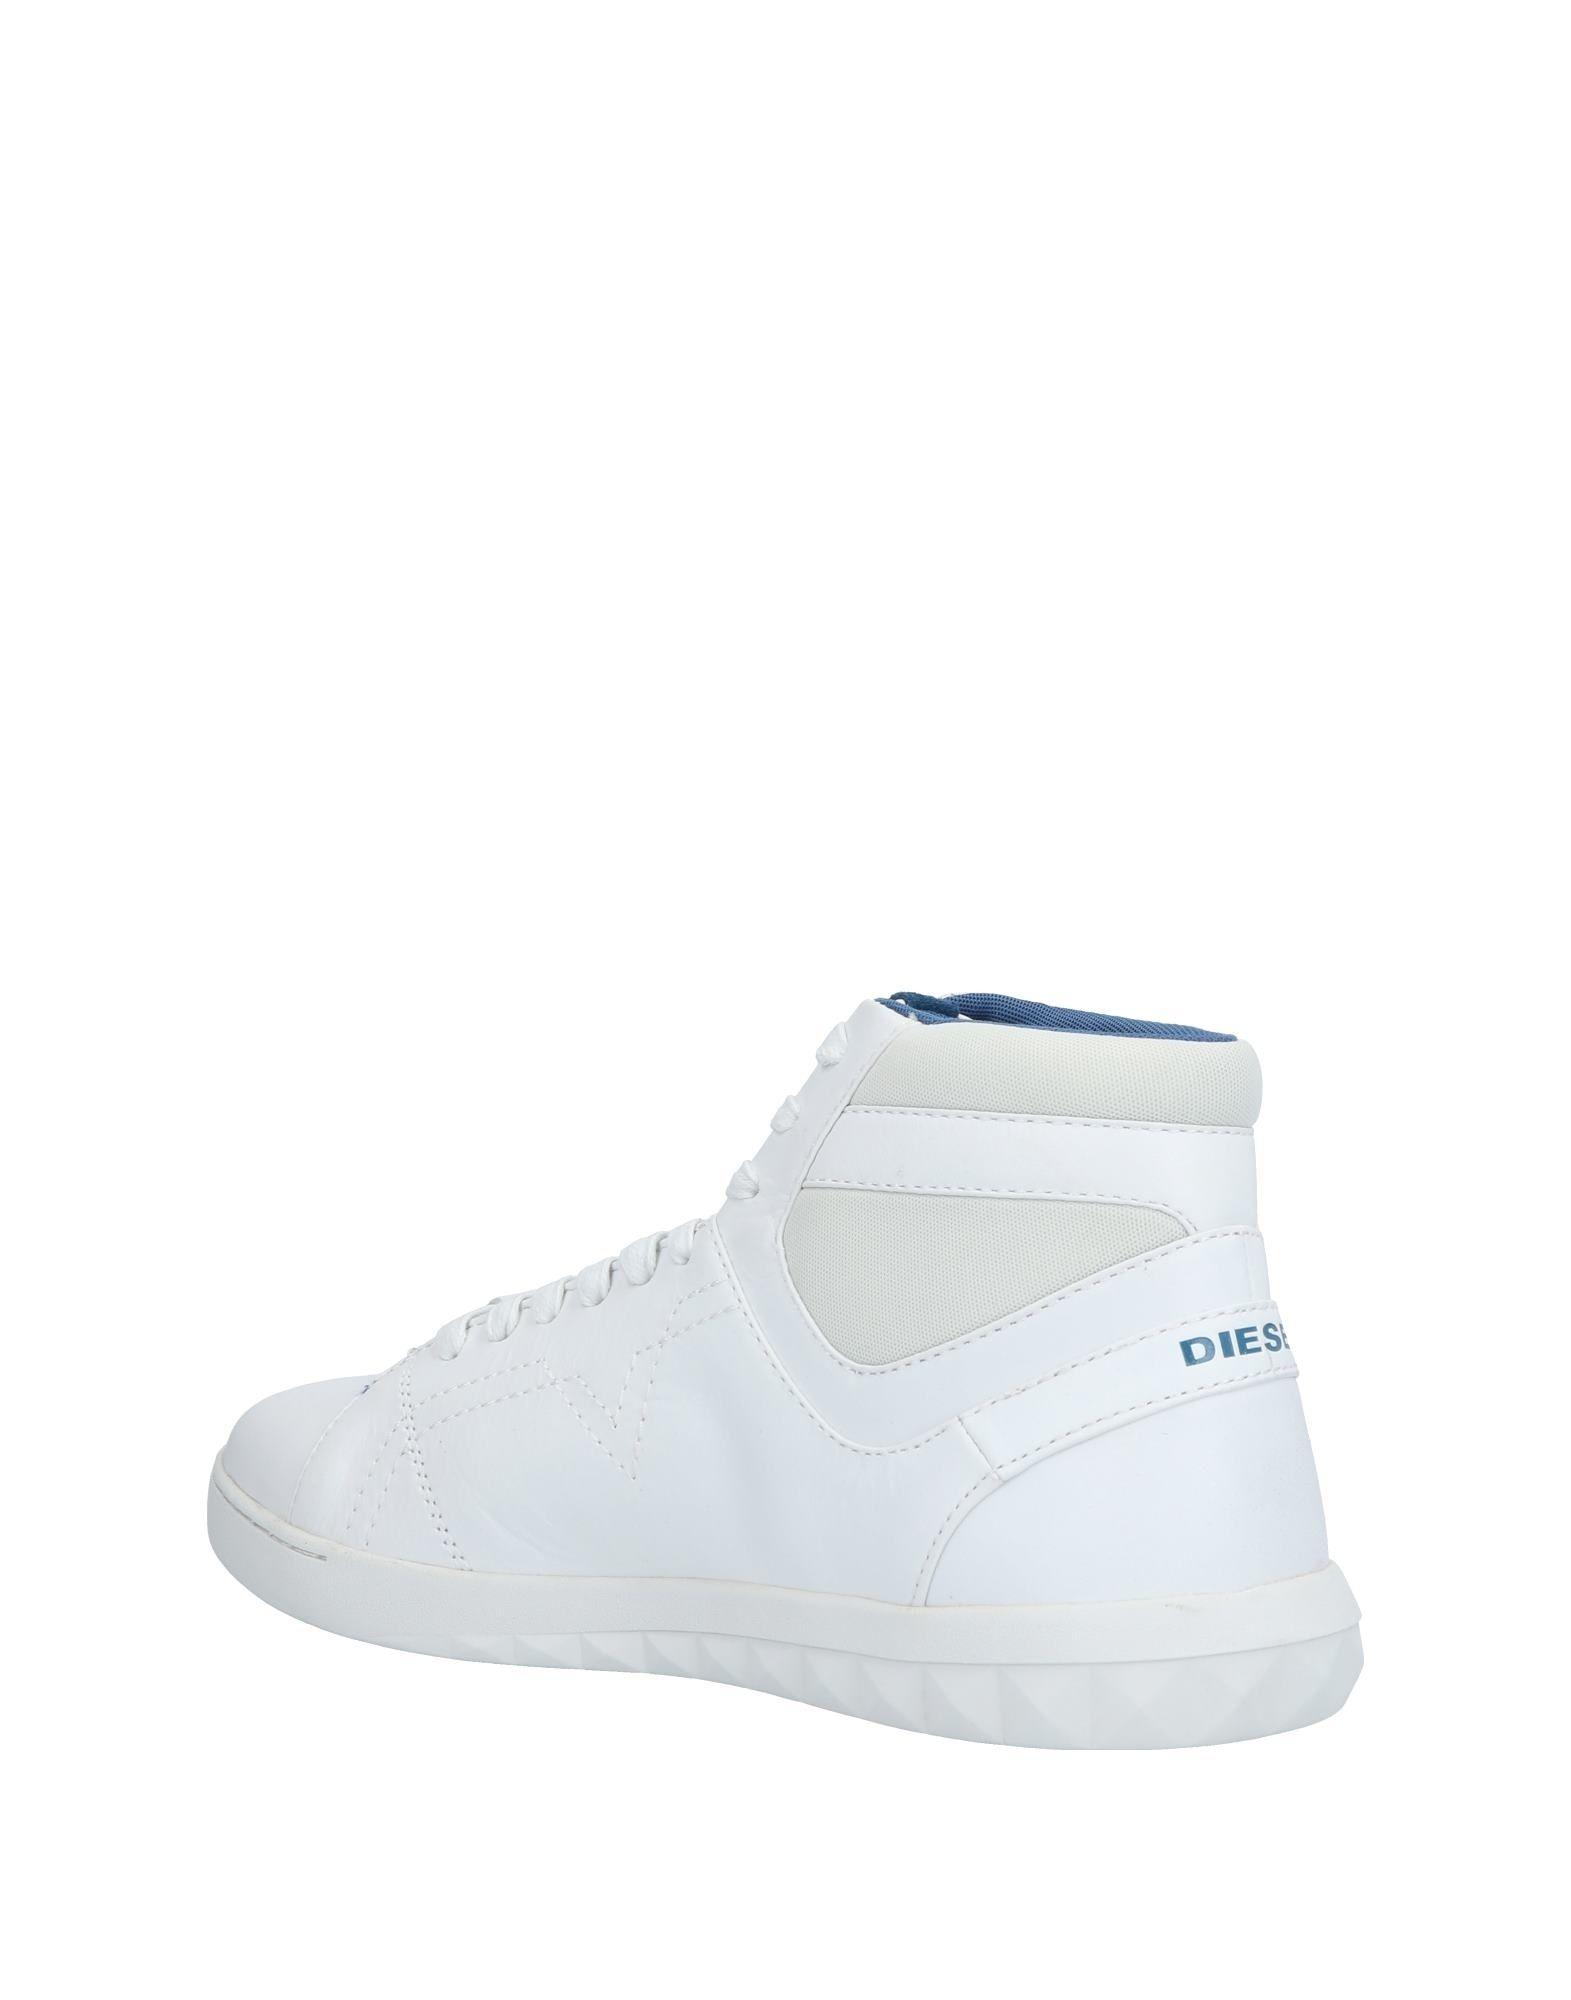 Rabatt echte Sneakers Schuhe Diesel Sneakers echte Herren  11496836DN add77b